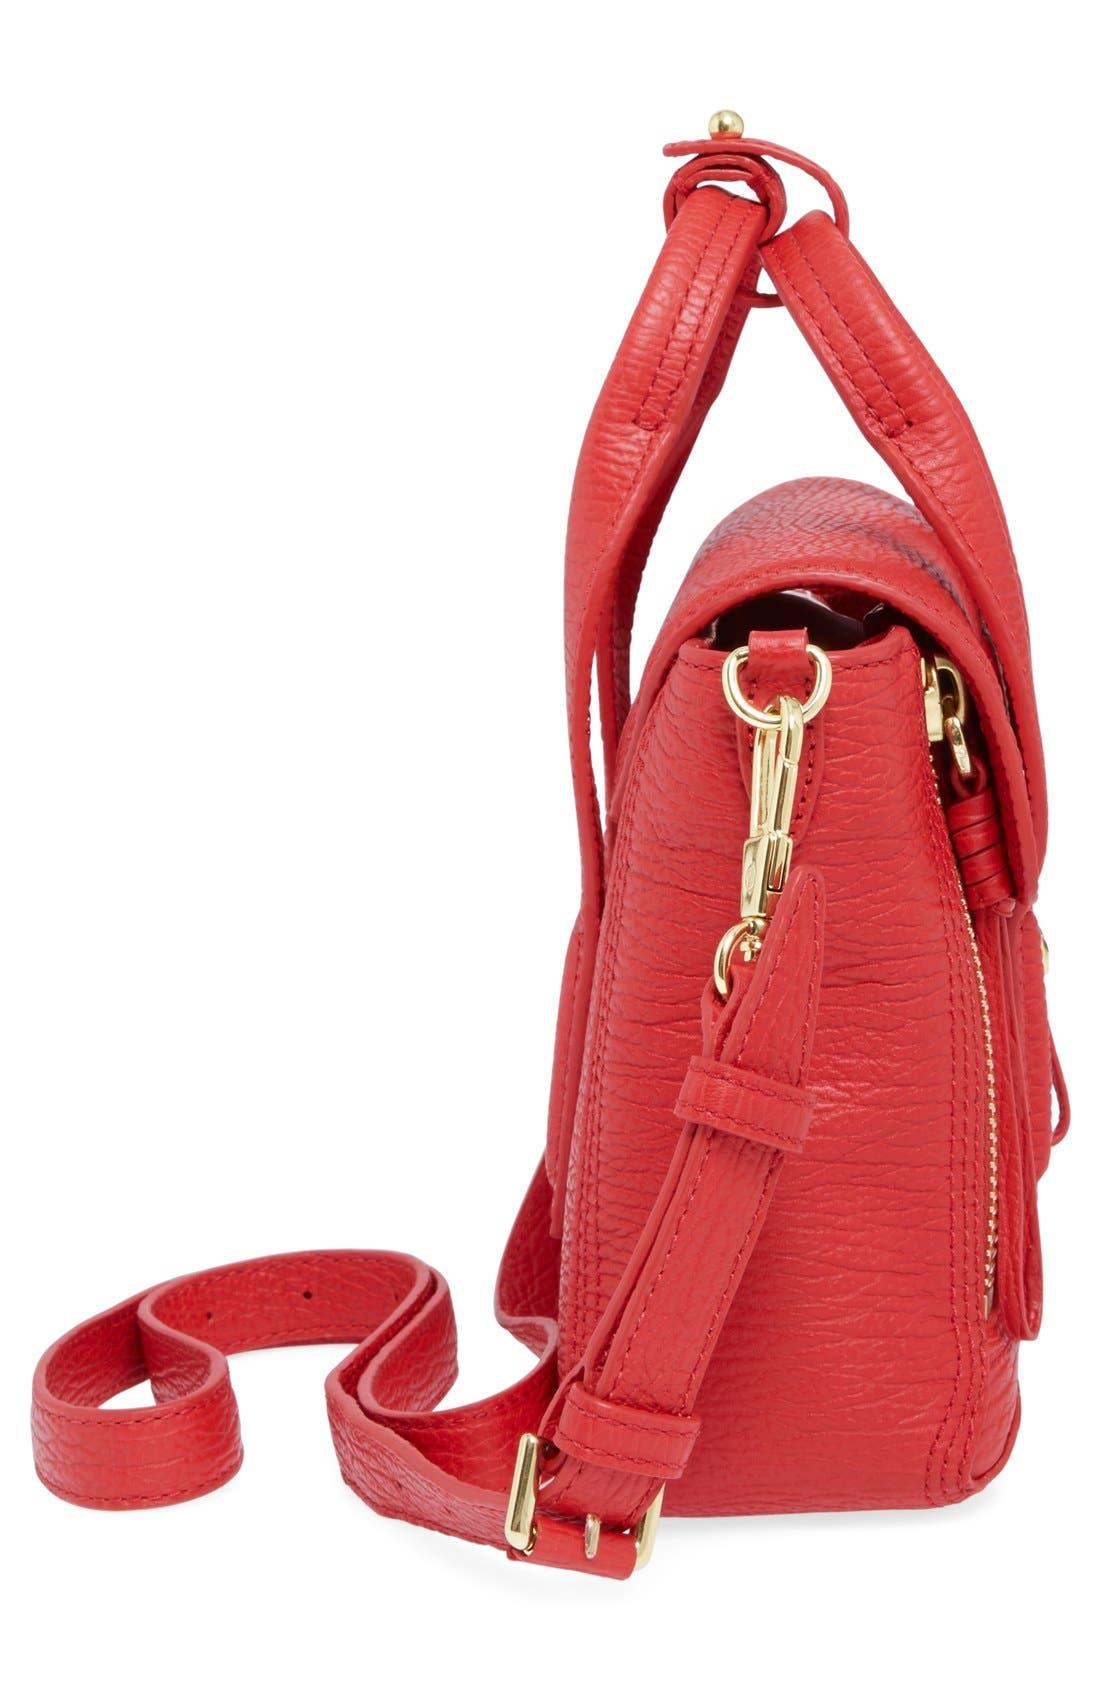 3.1 PHILLIP LIM, 'Mini Pashli' Leather Satchel, Alternate thumbnail 5, color, 600